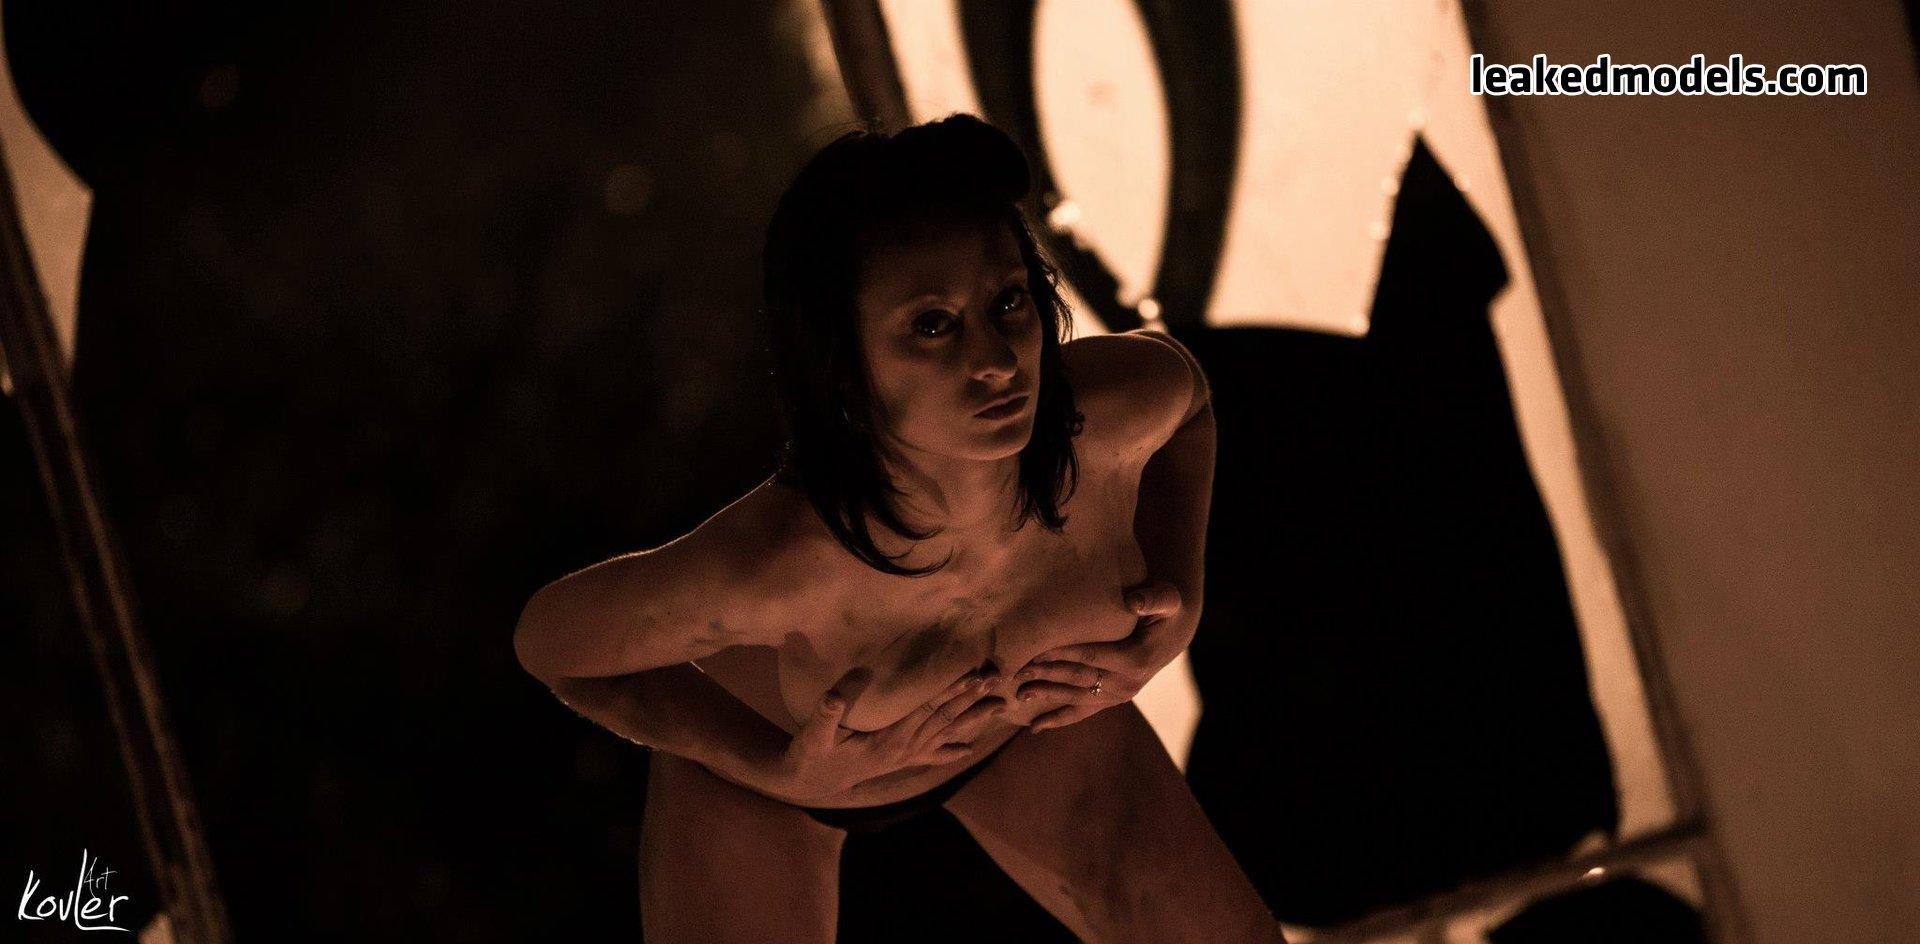 valeriya dubinskaya leaked nude leakedmodels.com 0004 - Valeriya Dubinskaya Instagram Nude Leaks (37 Photos)